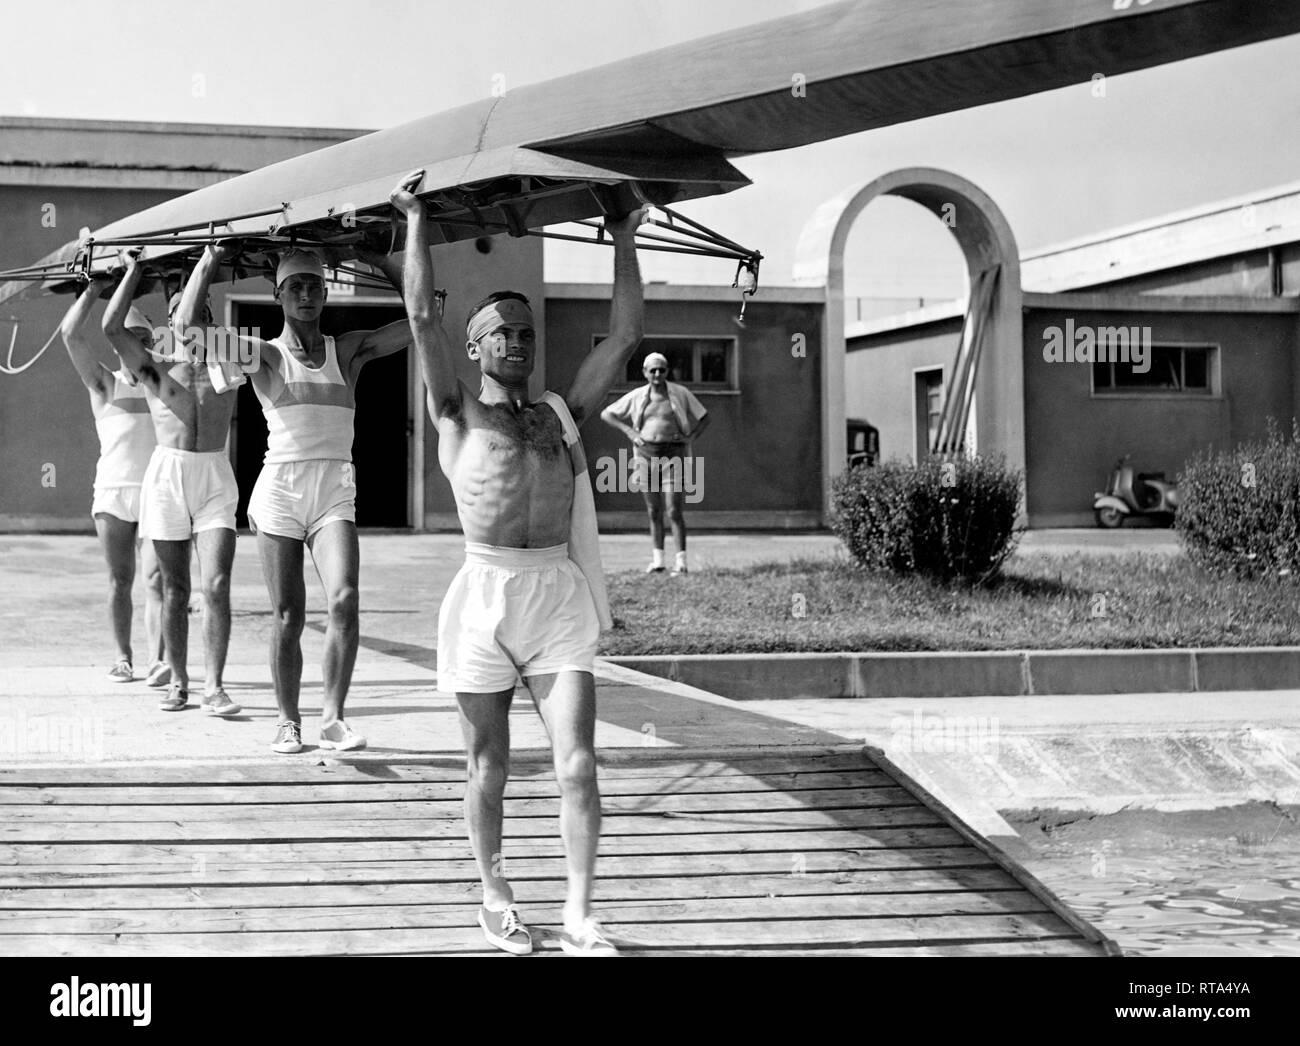 canottieri sebino, lovere, lombardia, italy 1952 - Stock Image